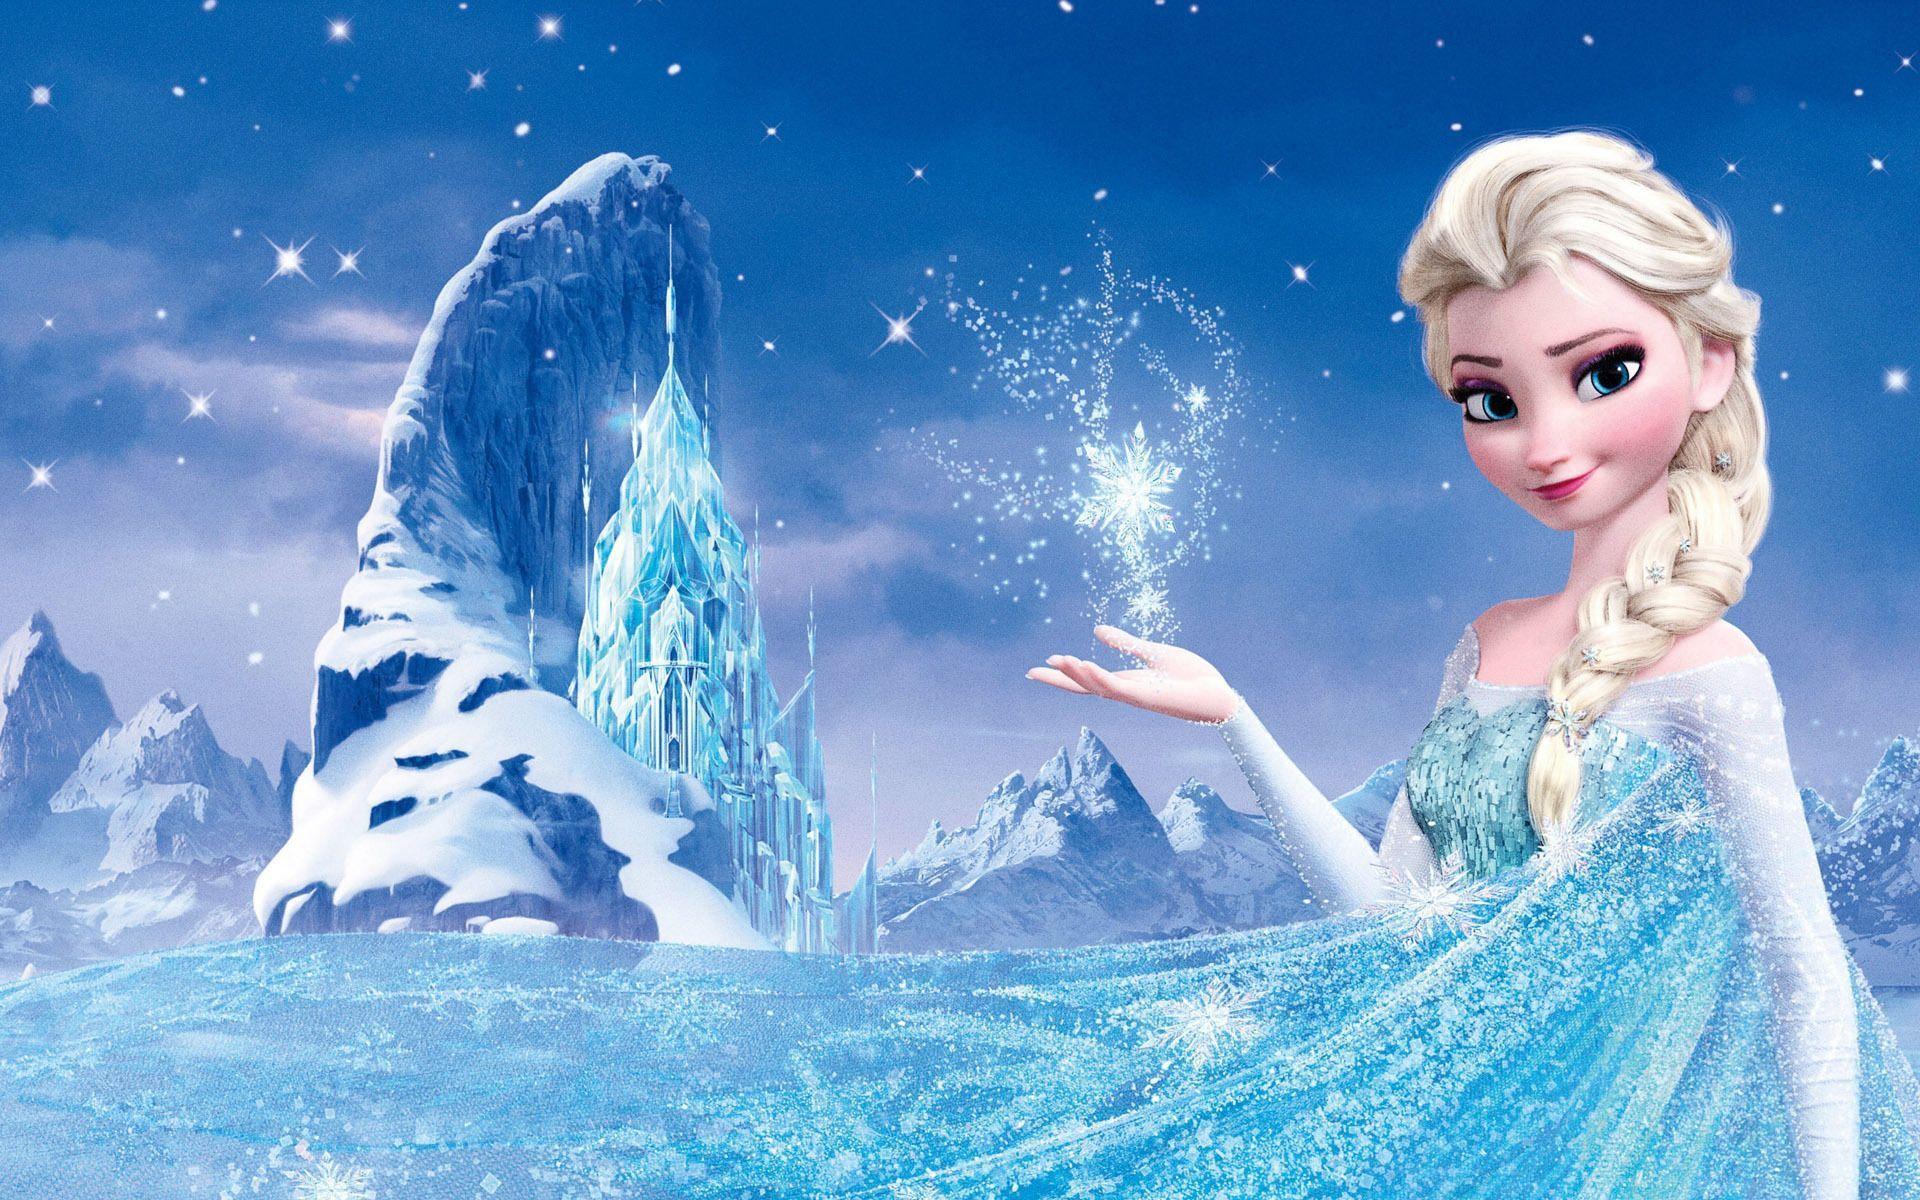 La Historia De Las Hermanas Elsa Y Anna Esconde Algunas Curiosidades Que Ni Los Ms Fanticos Con Gefrorene Bilder Superhelden Malvorlagen Frozen Hintergrundbild